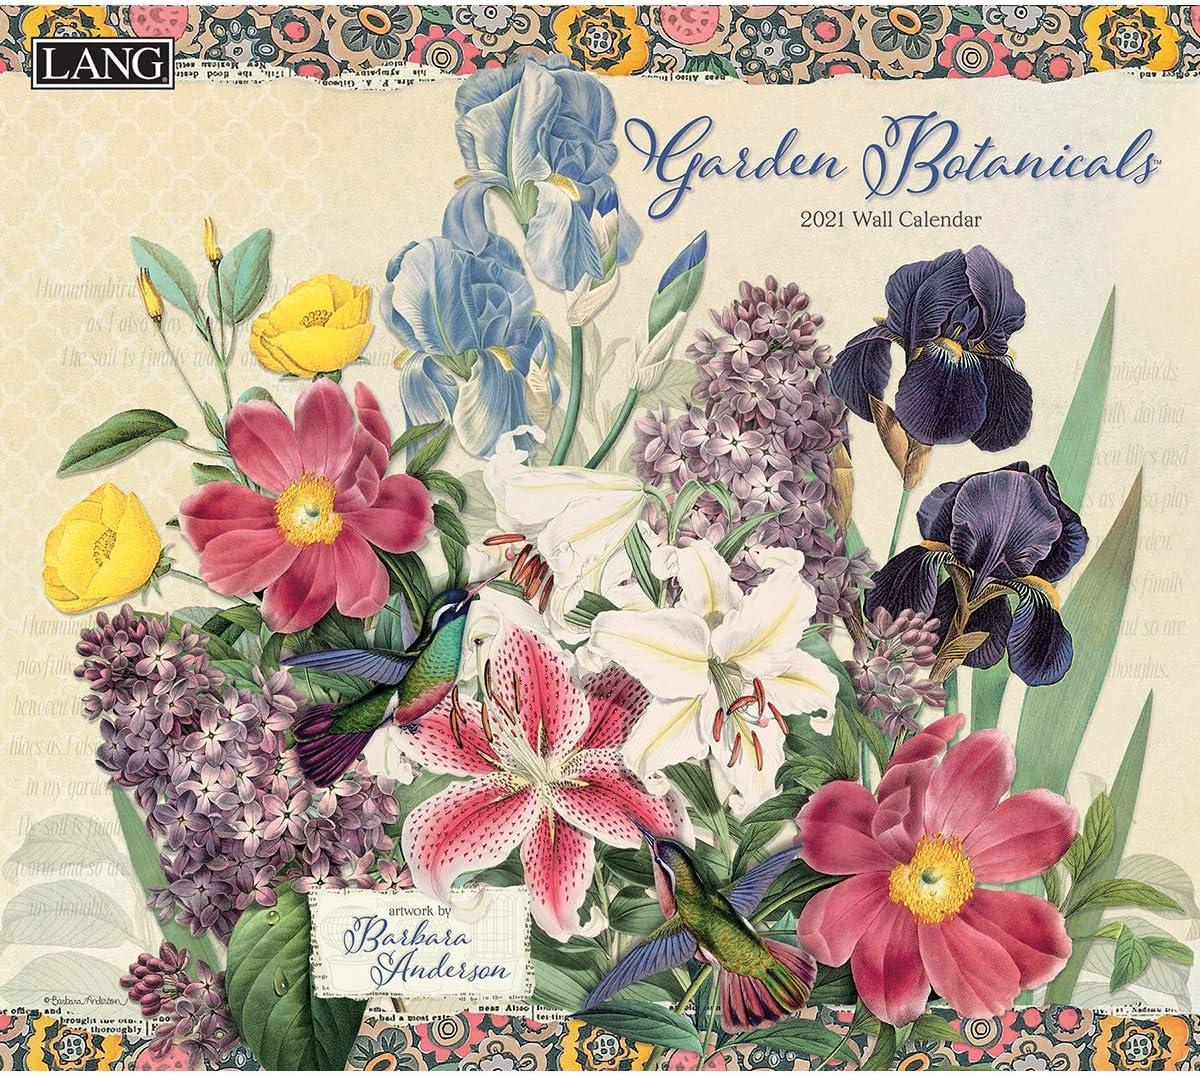 LANG Garden Botanicals 2021 Wall Calendar (21991002014)